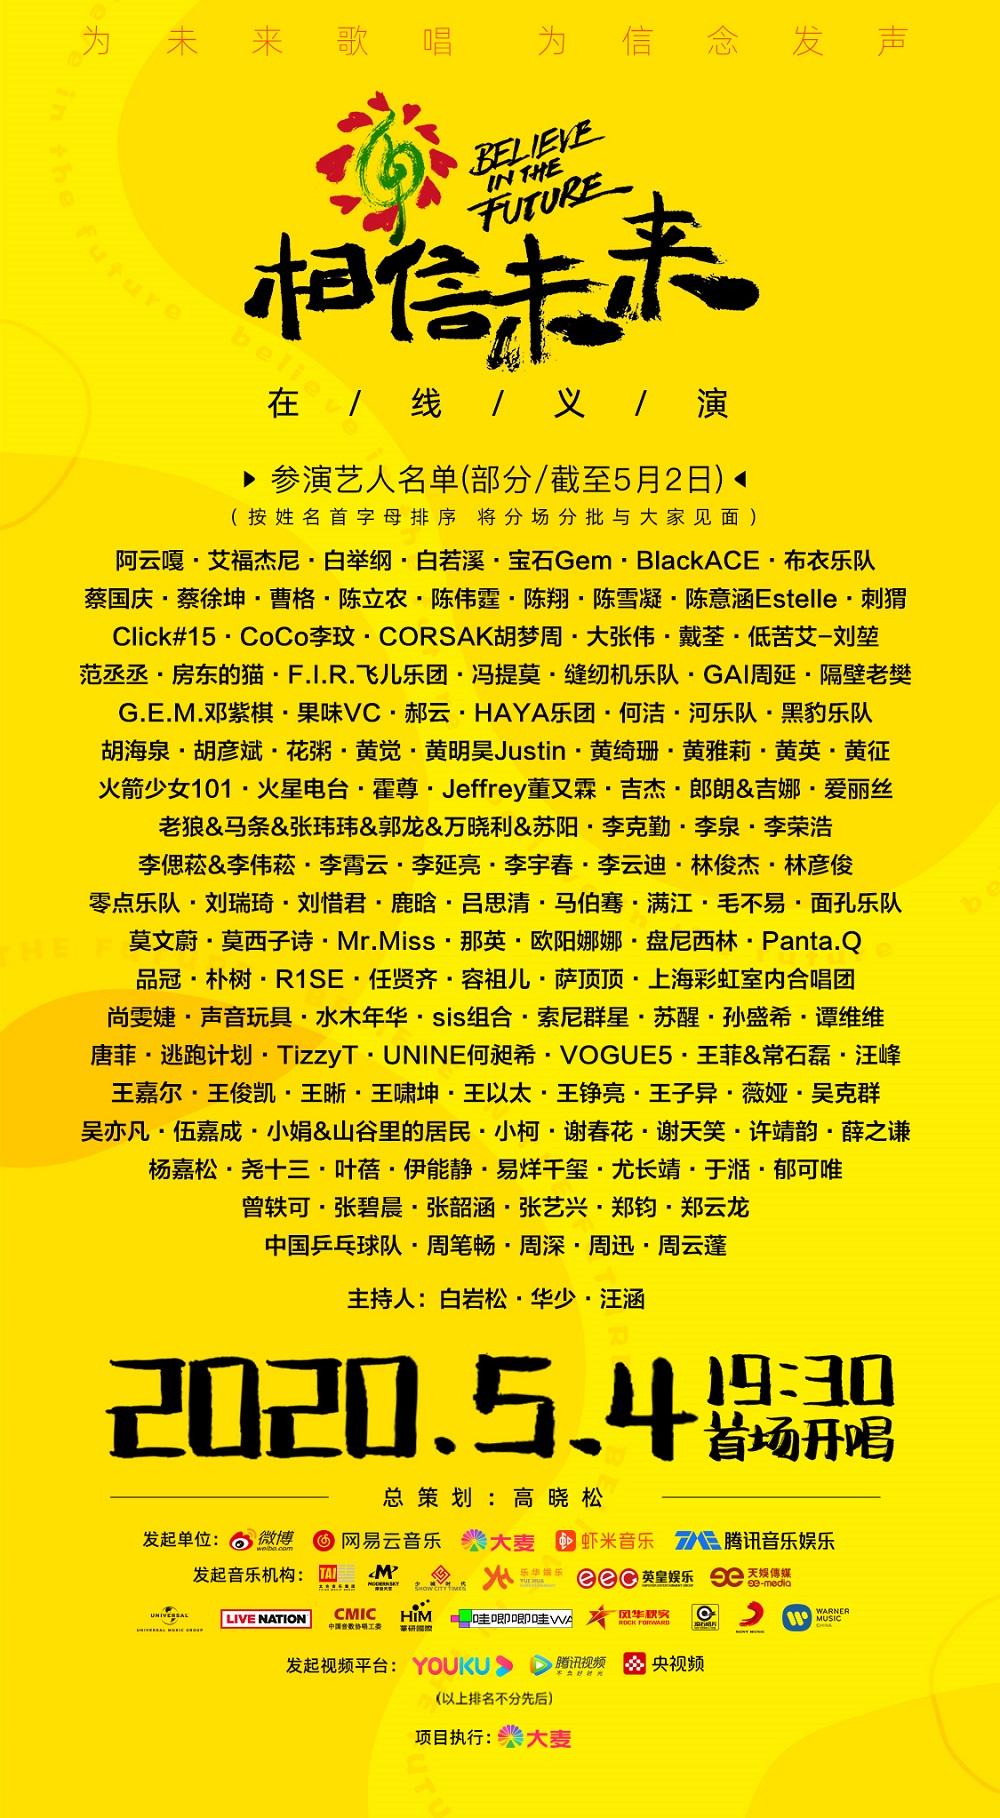 多位知名華語音樂人將於5月4日晚上7時30分攜手參與首場「相信未來」線上義演活動,希望以歌聲鼓勵大家,一起走過疫情。